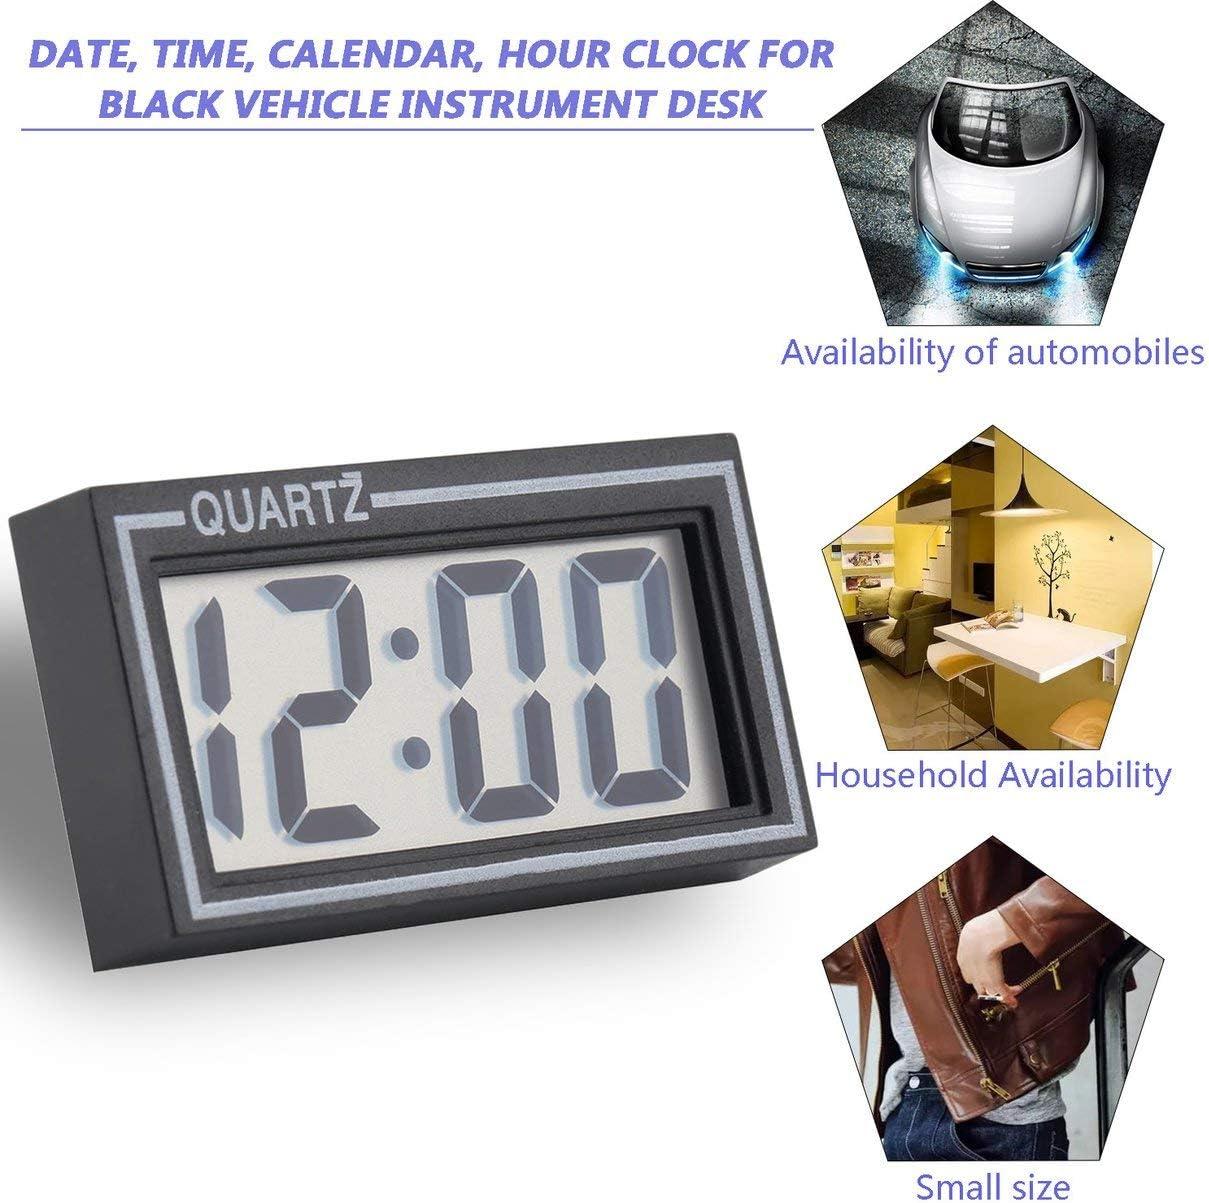 Petite taille en plastique noir Tableau LCD num/érique Tableau de bord de voiture Bureau Date Date Calendrier Petite horloge avec fonction de calendrier TS-CD92 couleur: comme le montre limage